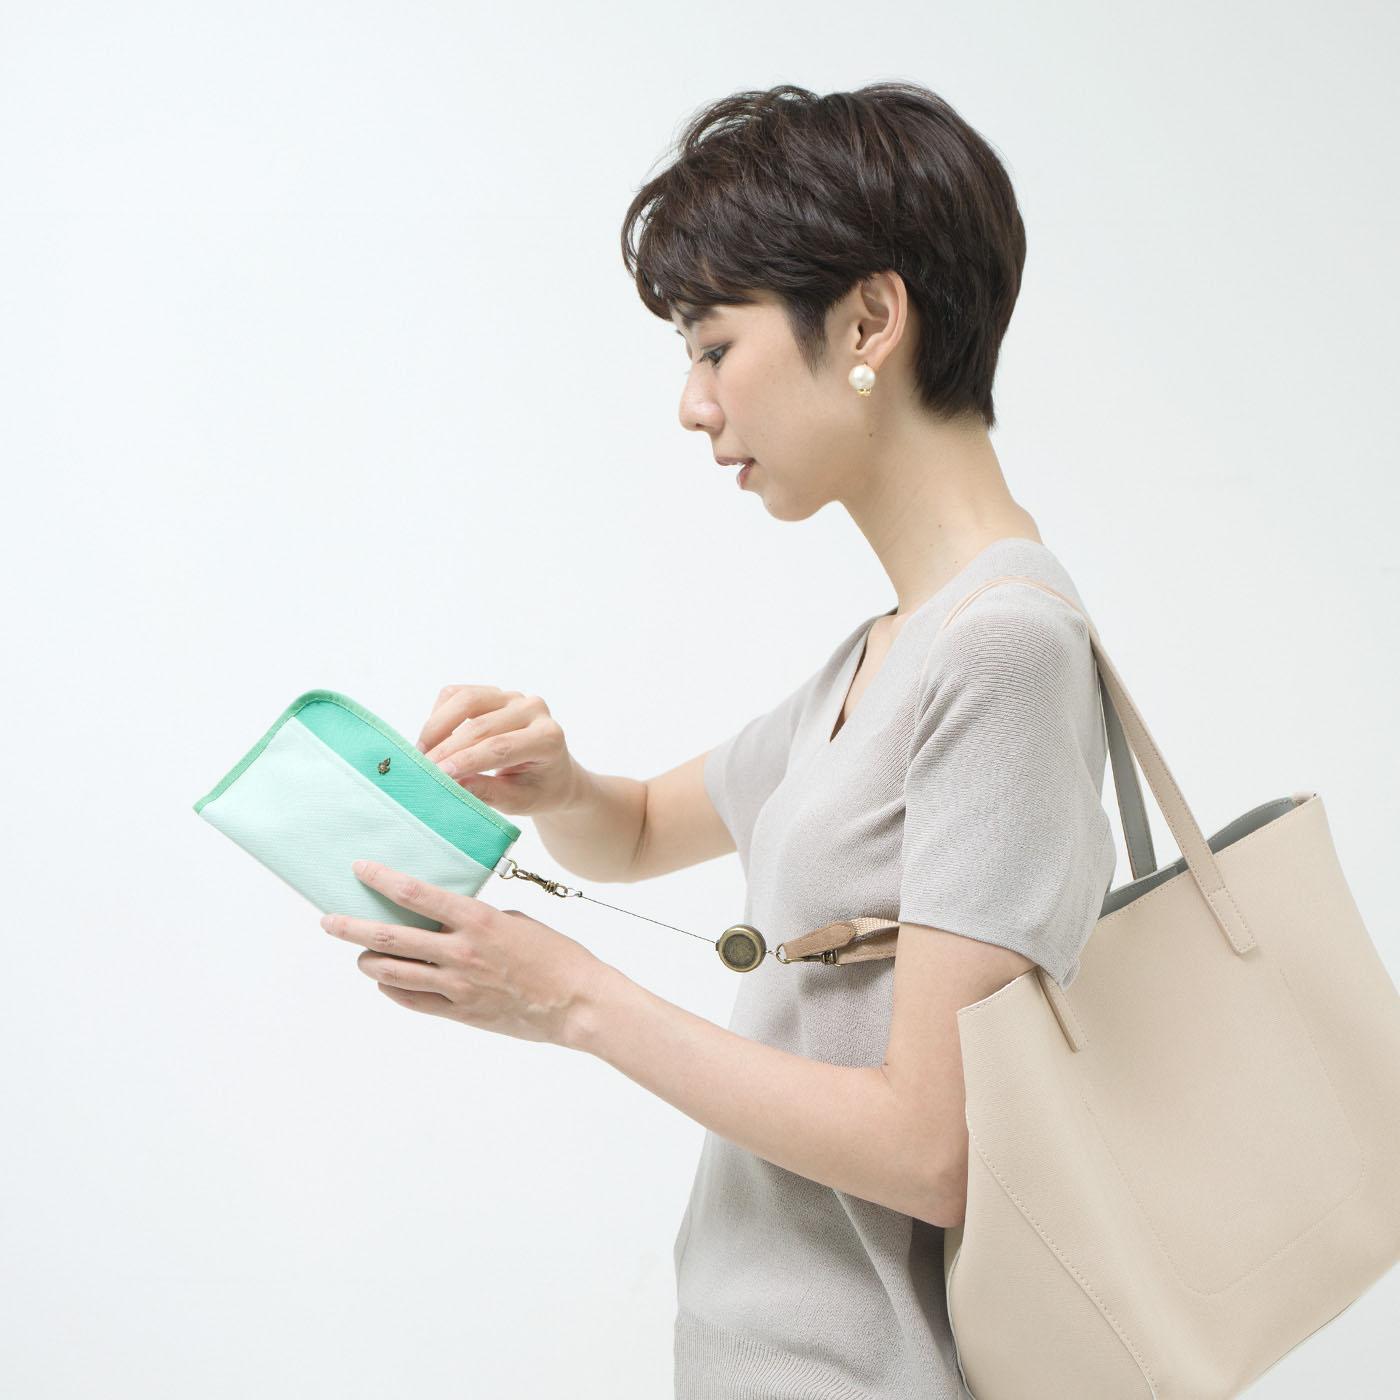 バッグに付けたまま使用できるから安心。